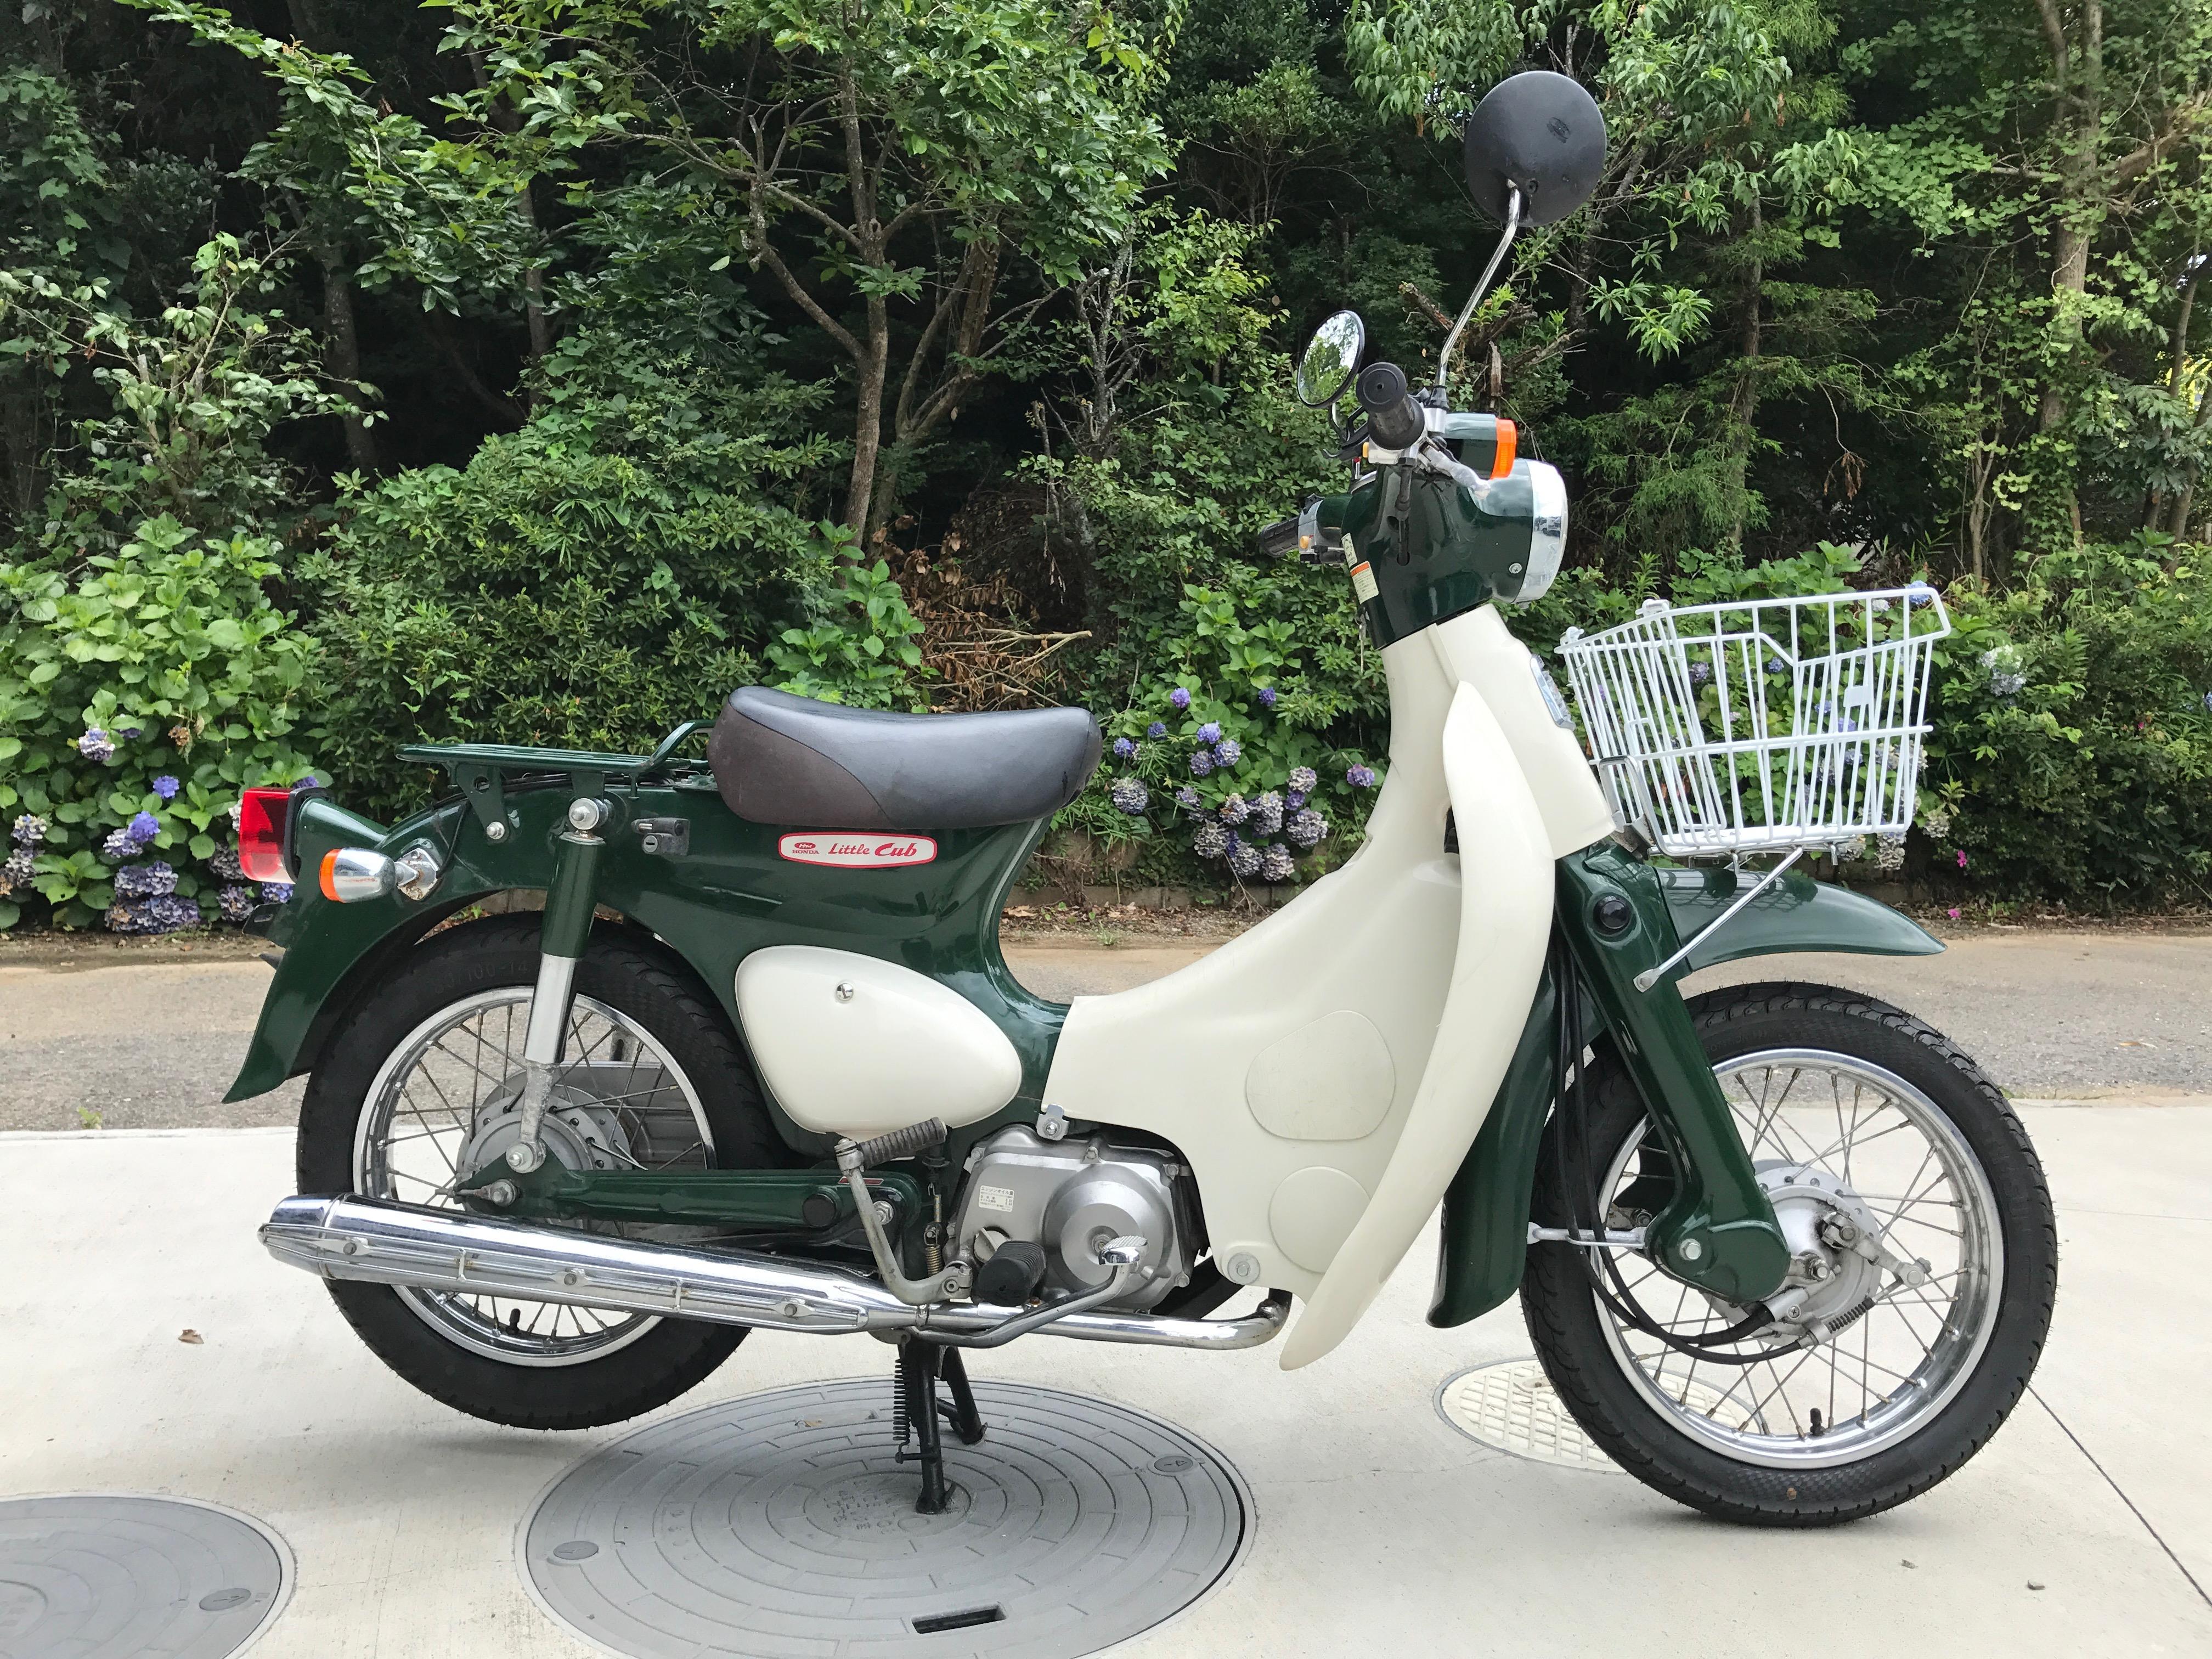 リトルカブ (HN-00) - 【公式】レンタルバイクのベストBike® 仲町台駅前